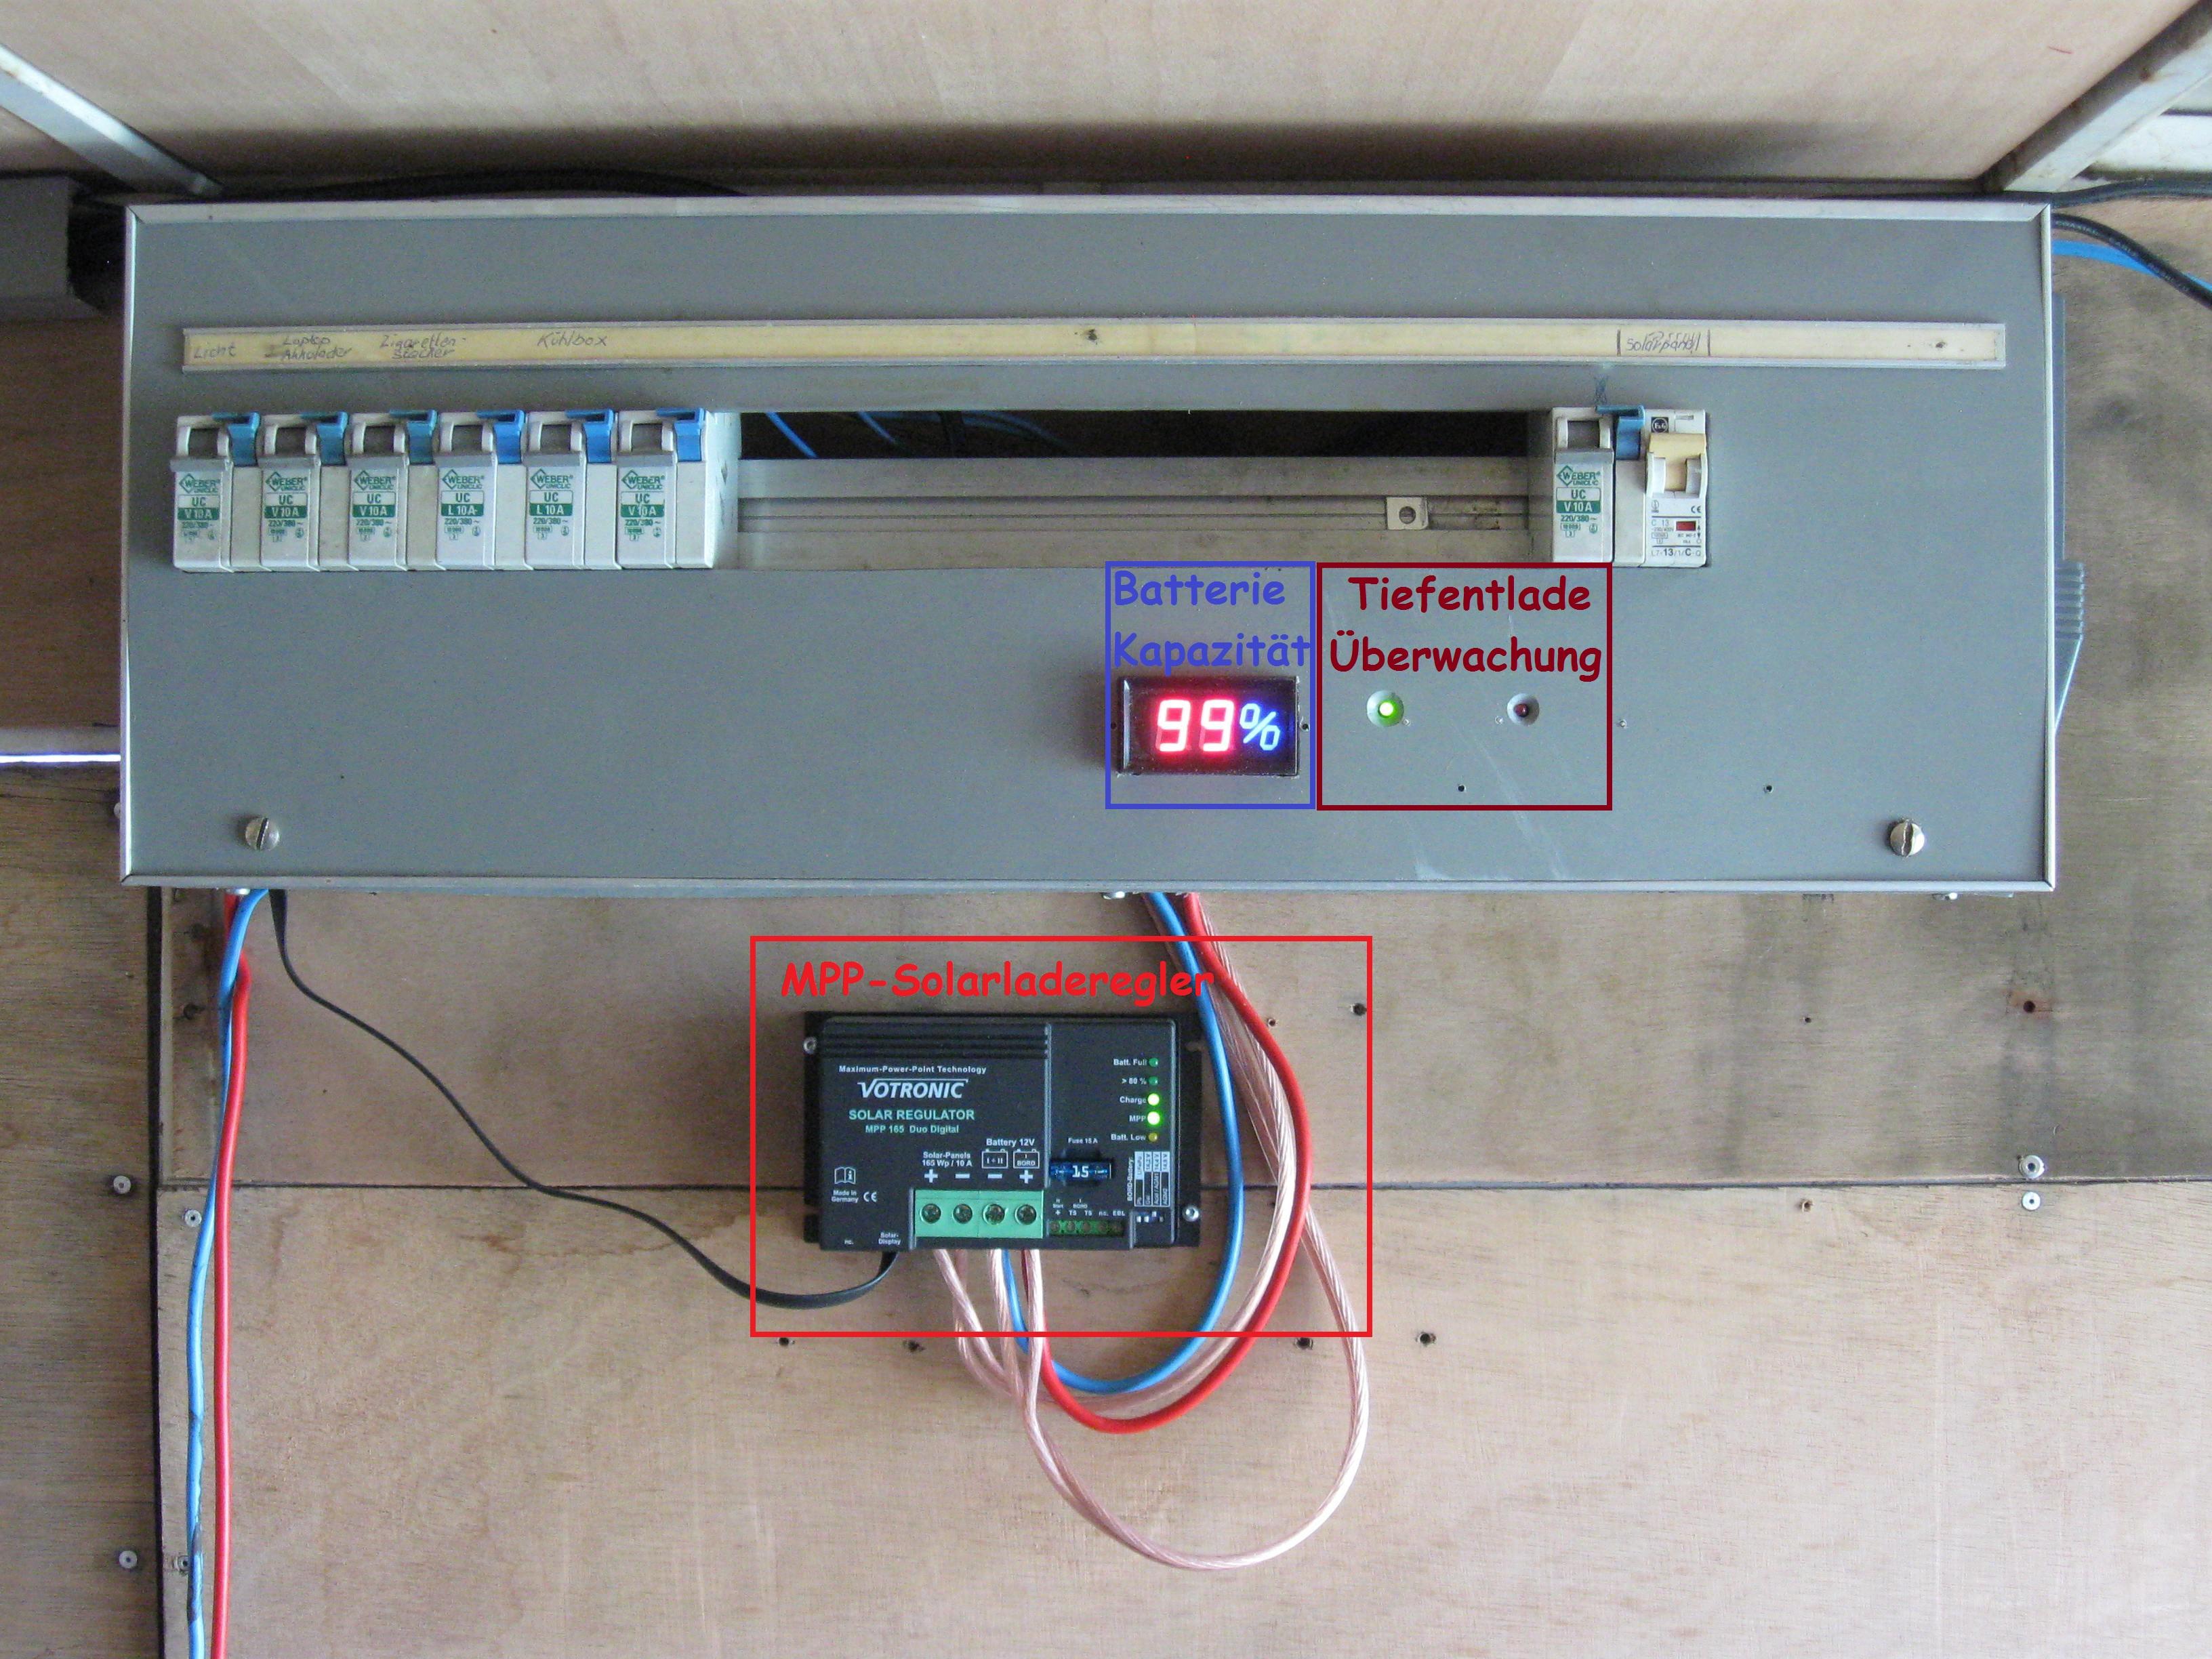 MPP-Solarladeregler und Tiefentladeüberwachung